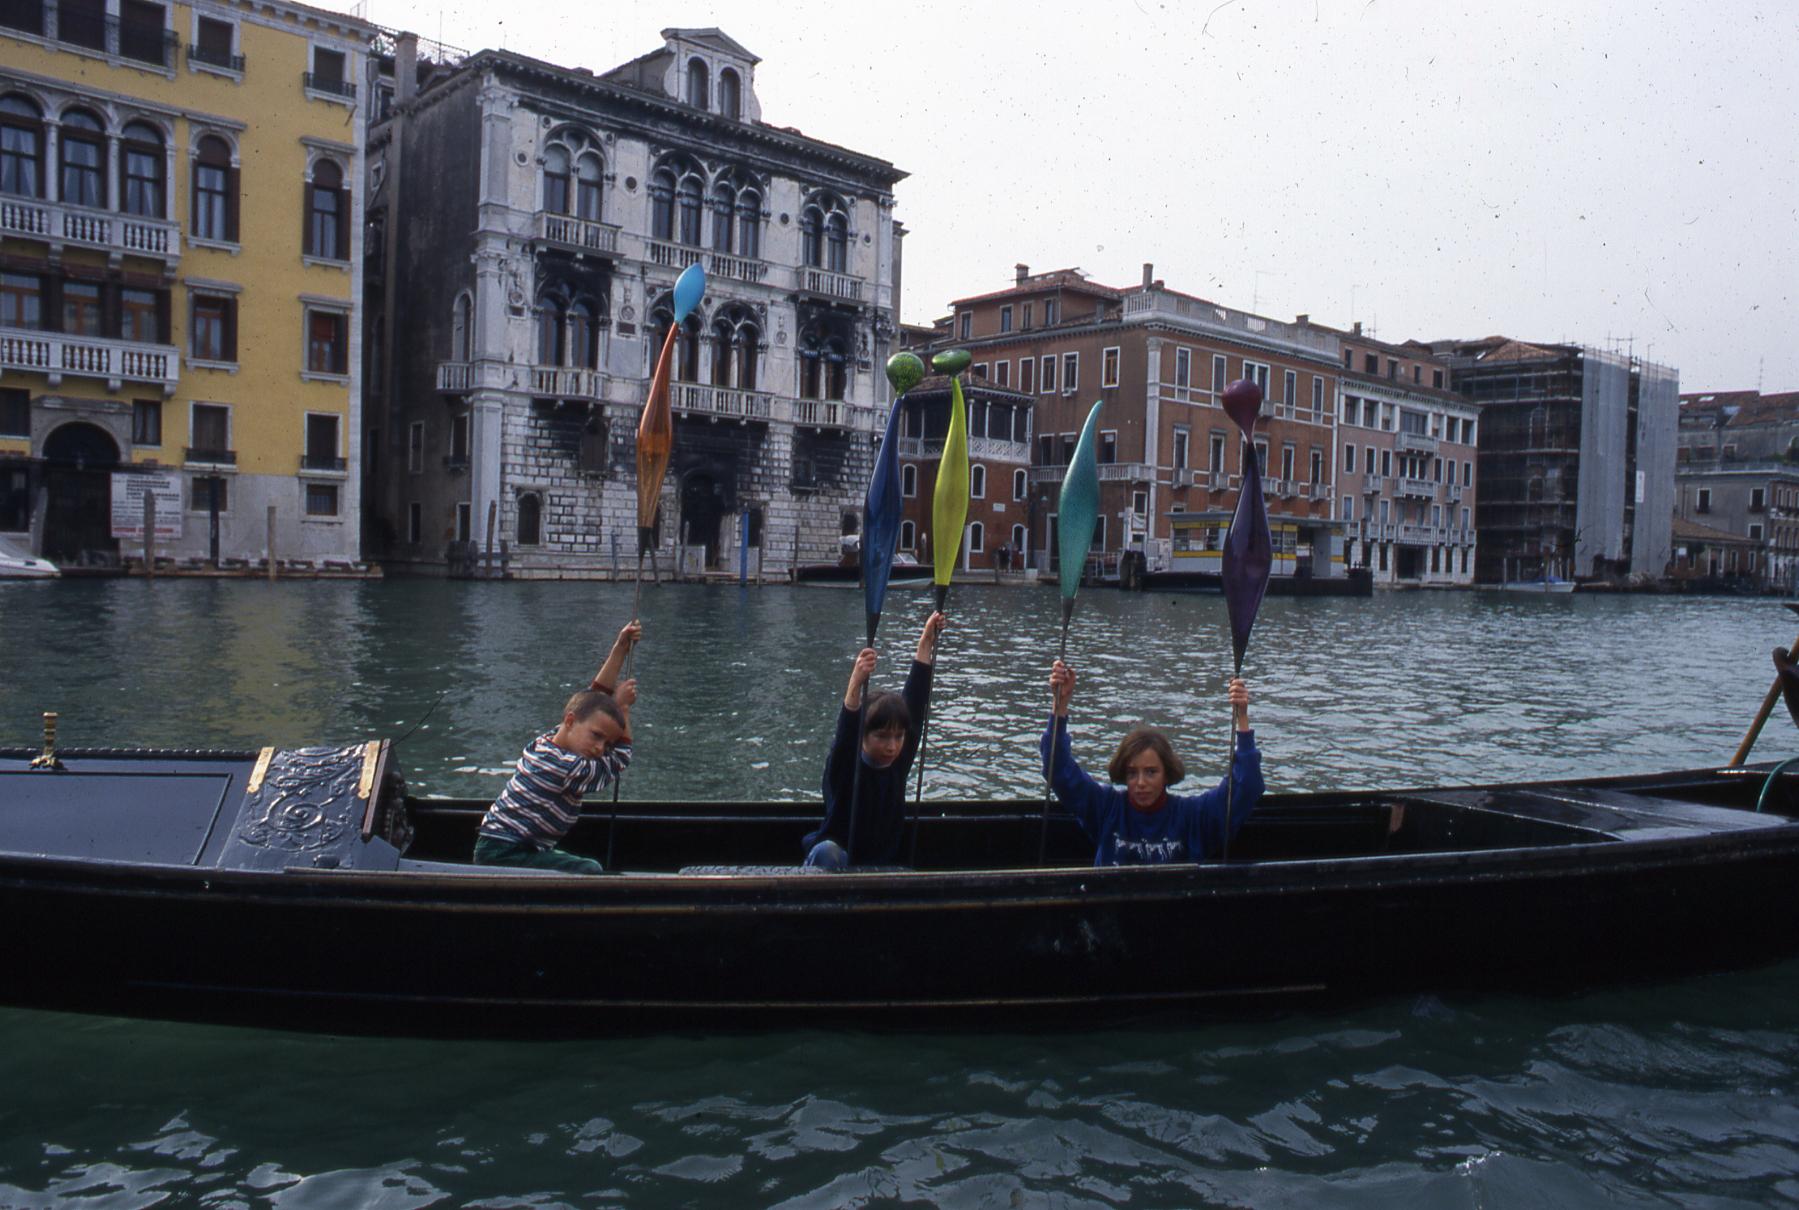 Gondola grand canal copy.jpg